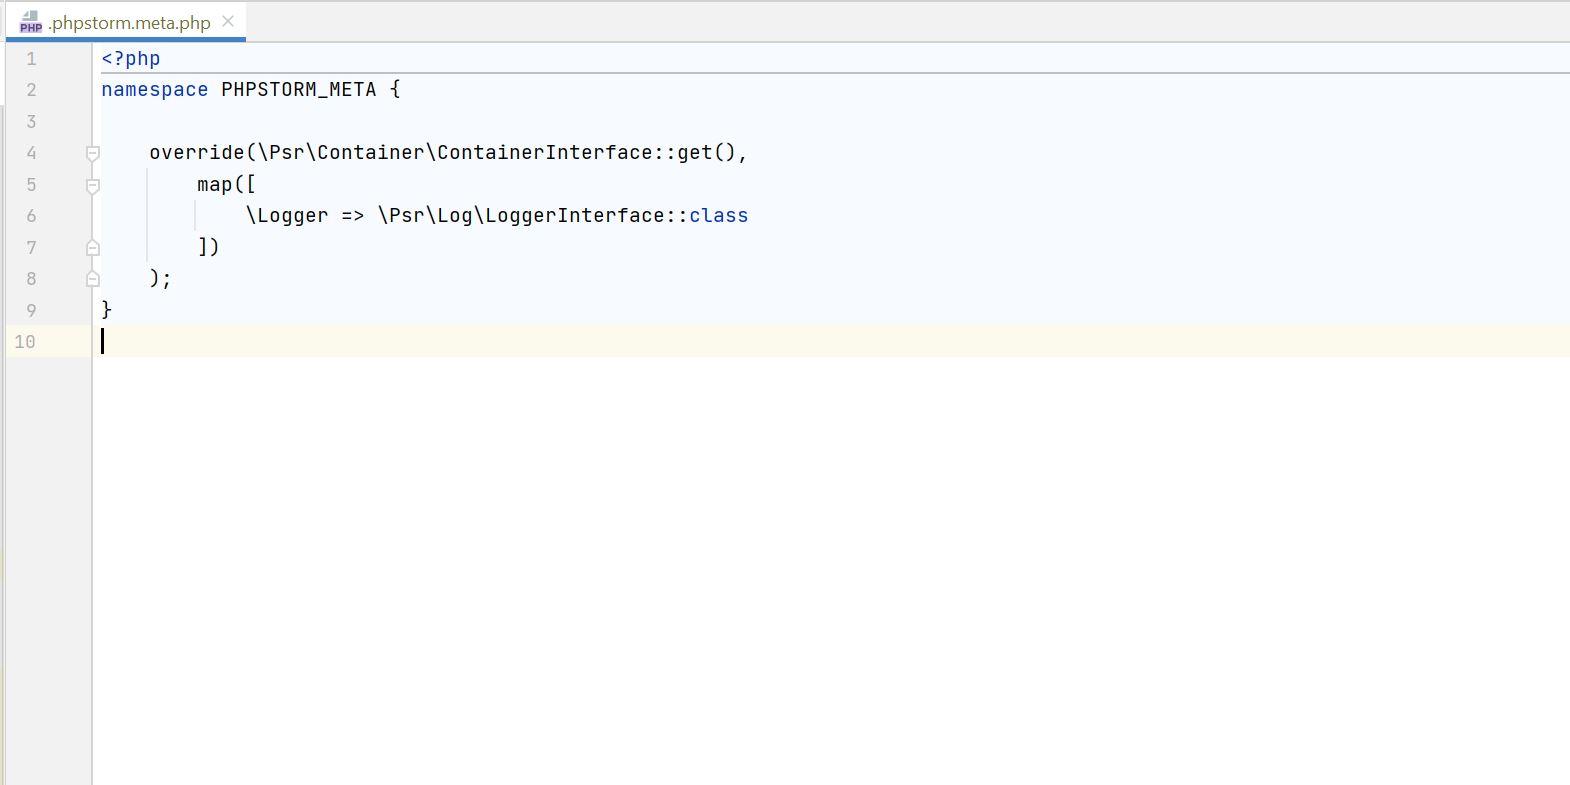 phpstorm-und-psr-11-container